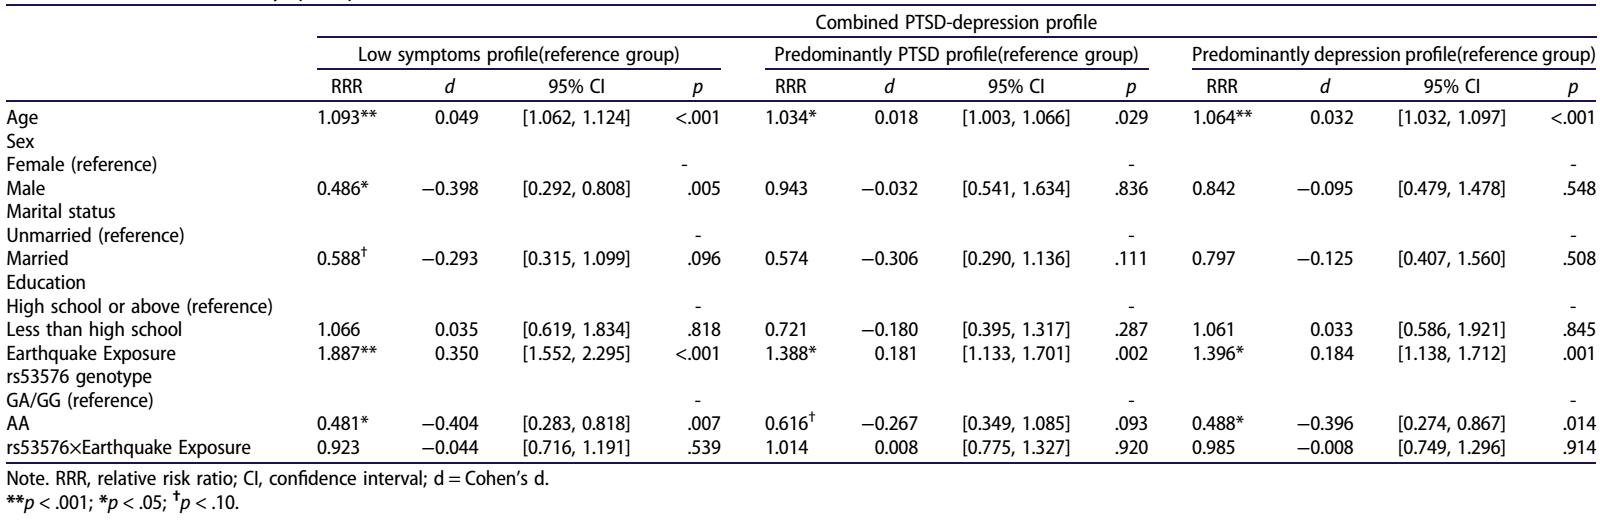 中国科学院心理研究所研究发现OXTR基因影响创伤后应激障碍和抑郁的症状共存模式(图)